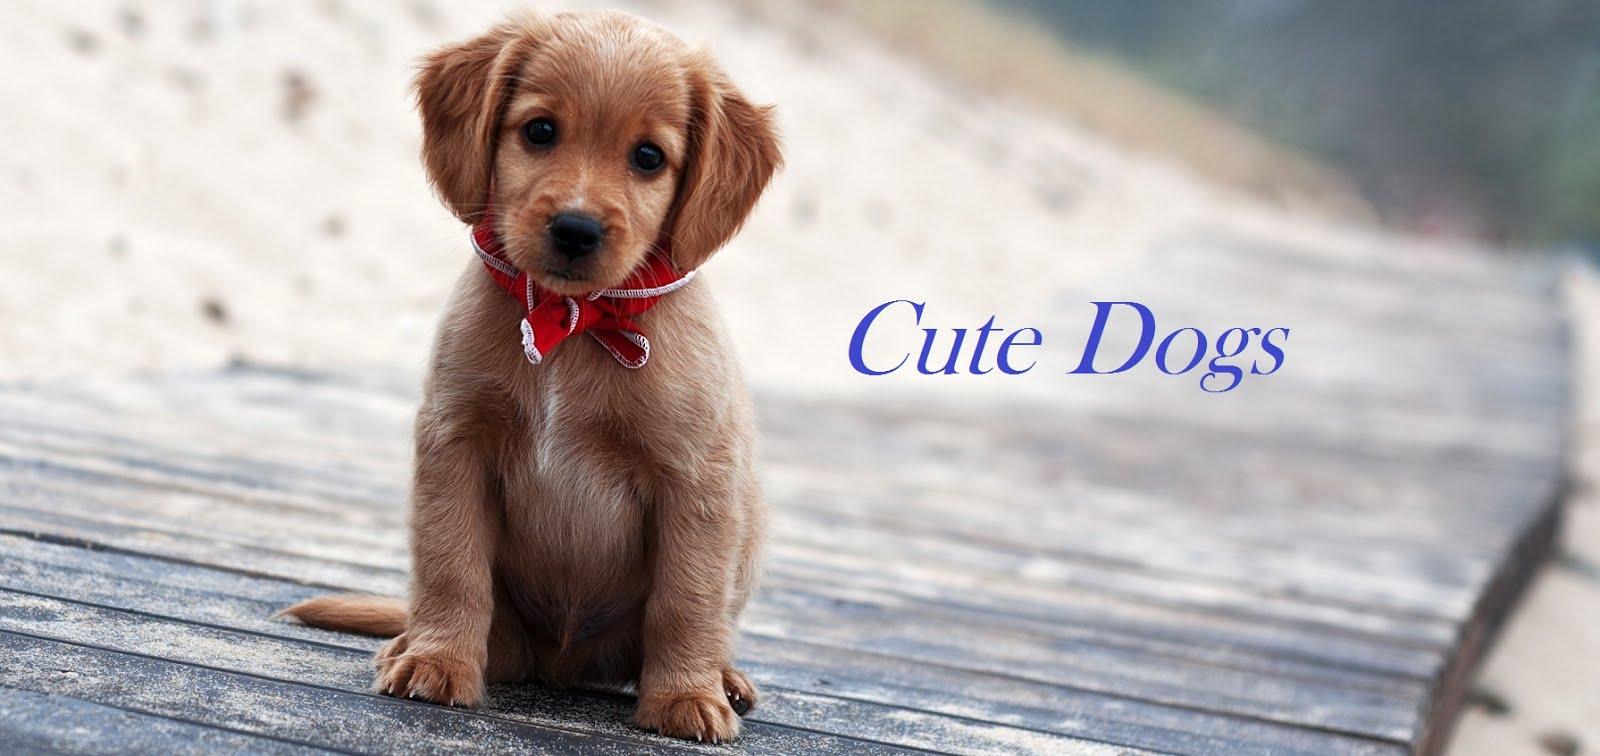 Informasi tentang pemeliharaan anjing kesayangan agar sehat dan lucu